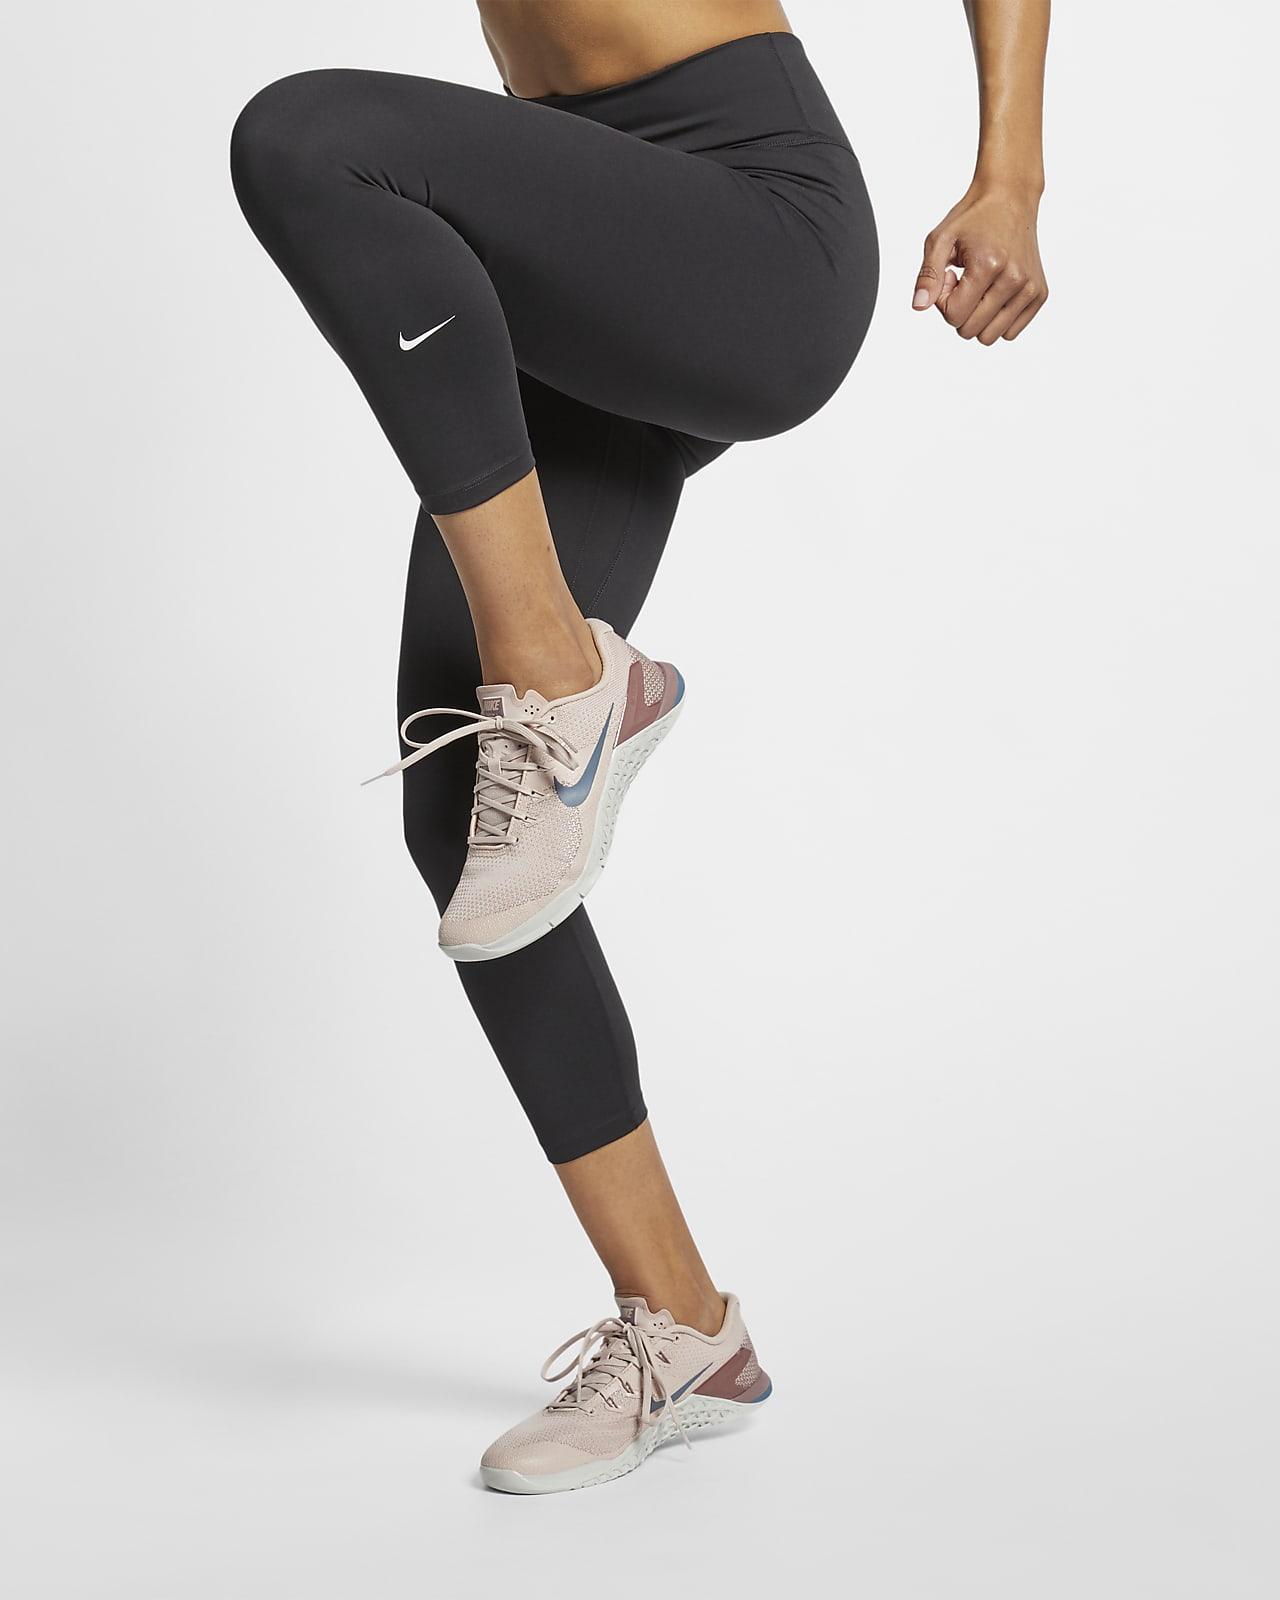 Korta leggings Nike One med medelhög midja för kvinnor